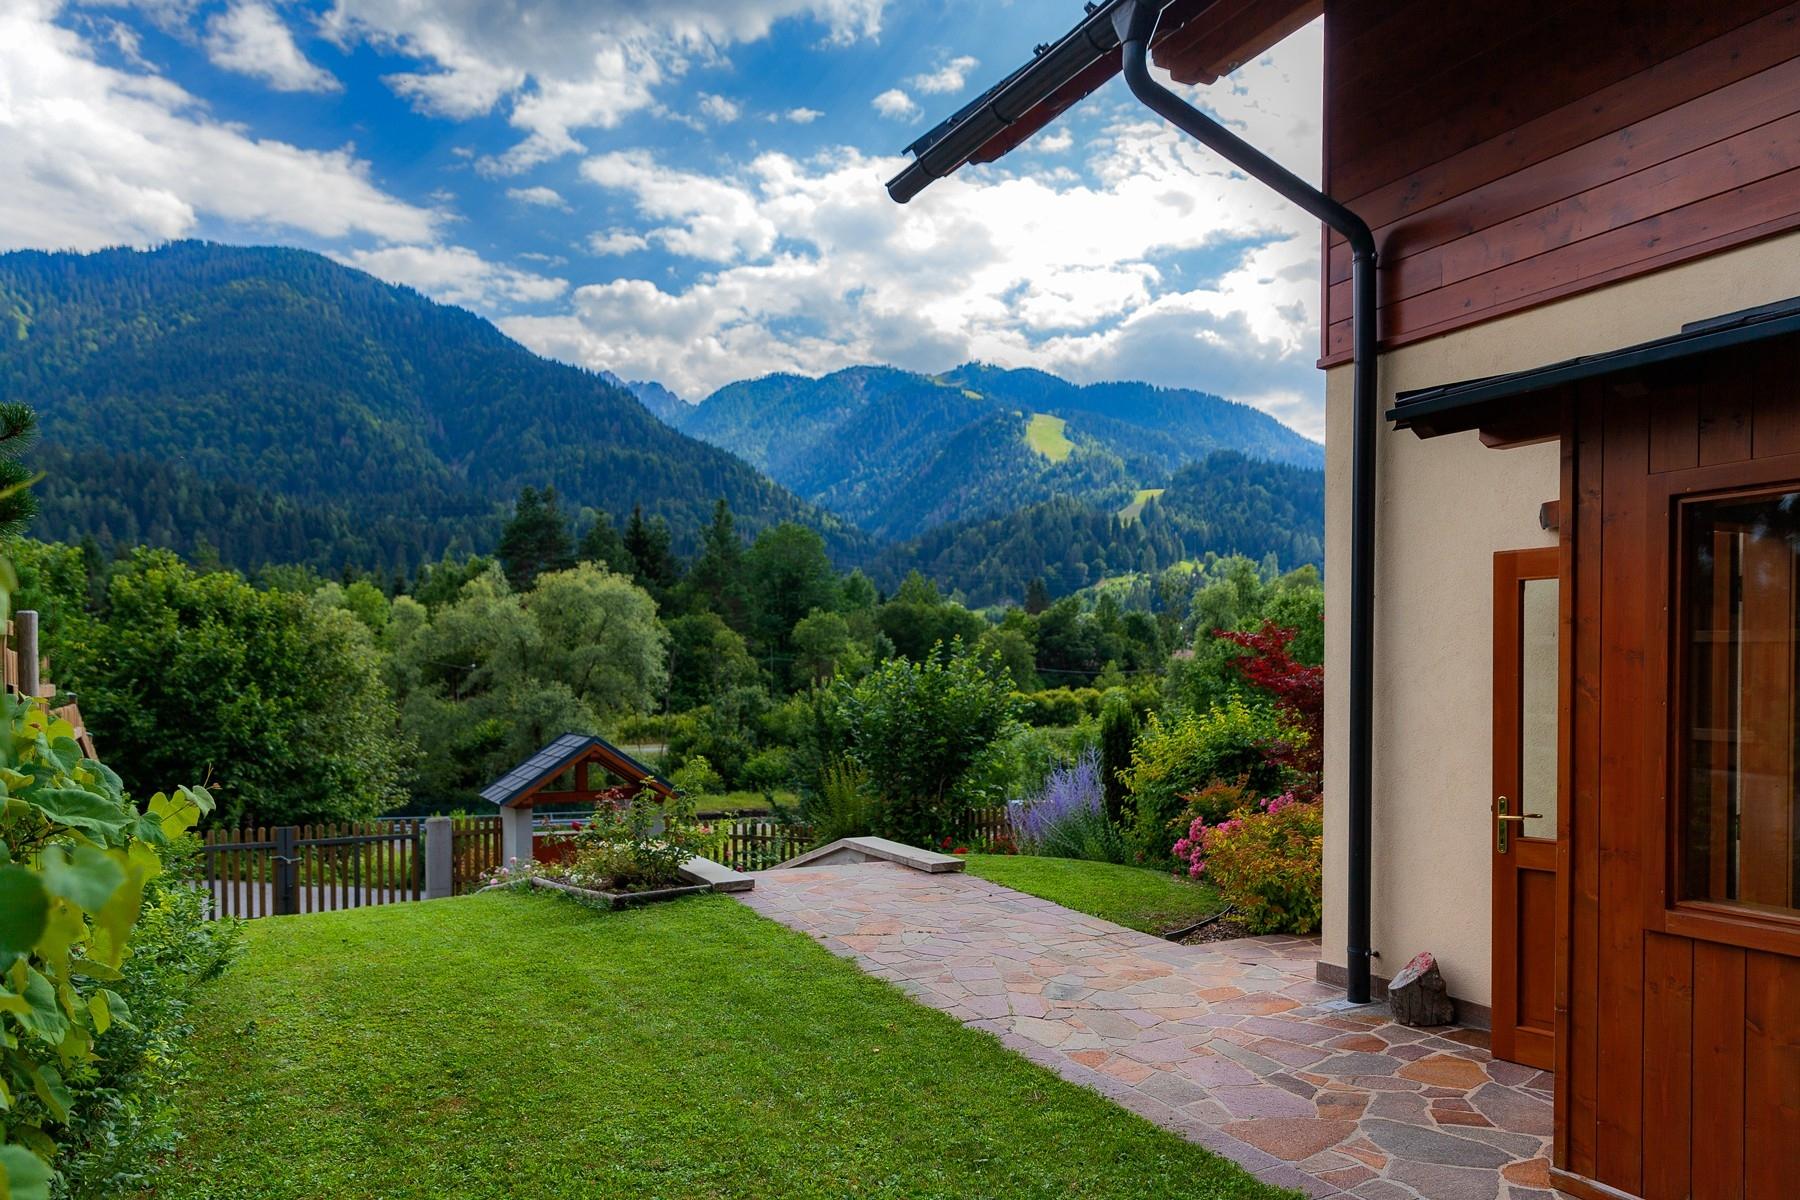 Casa indipendente in Vendita a Tarvisio: 5 locali, 300 mq - Foto 6